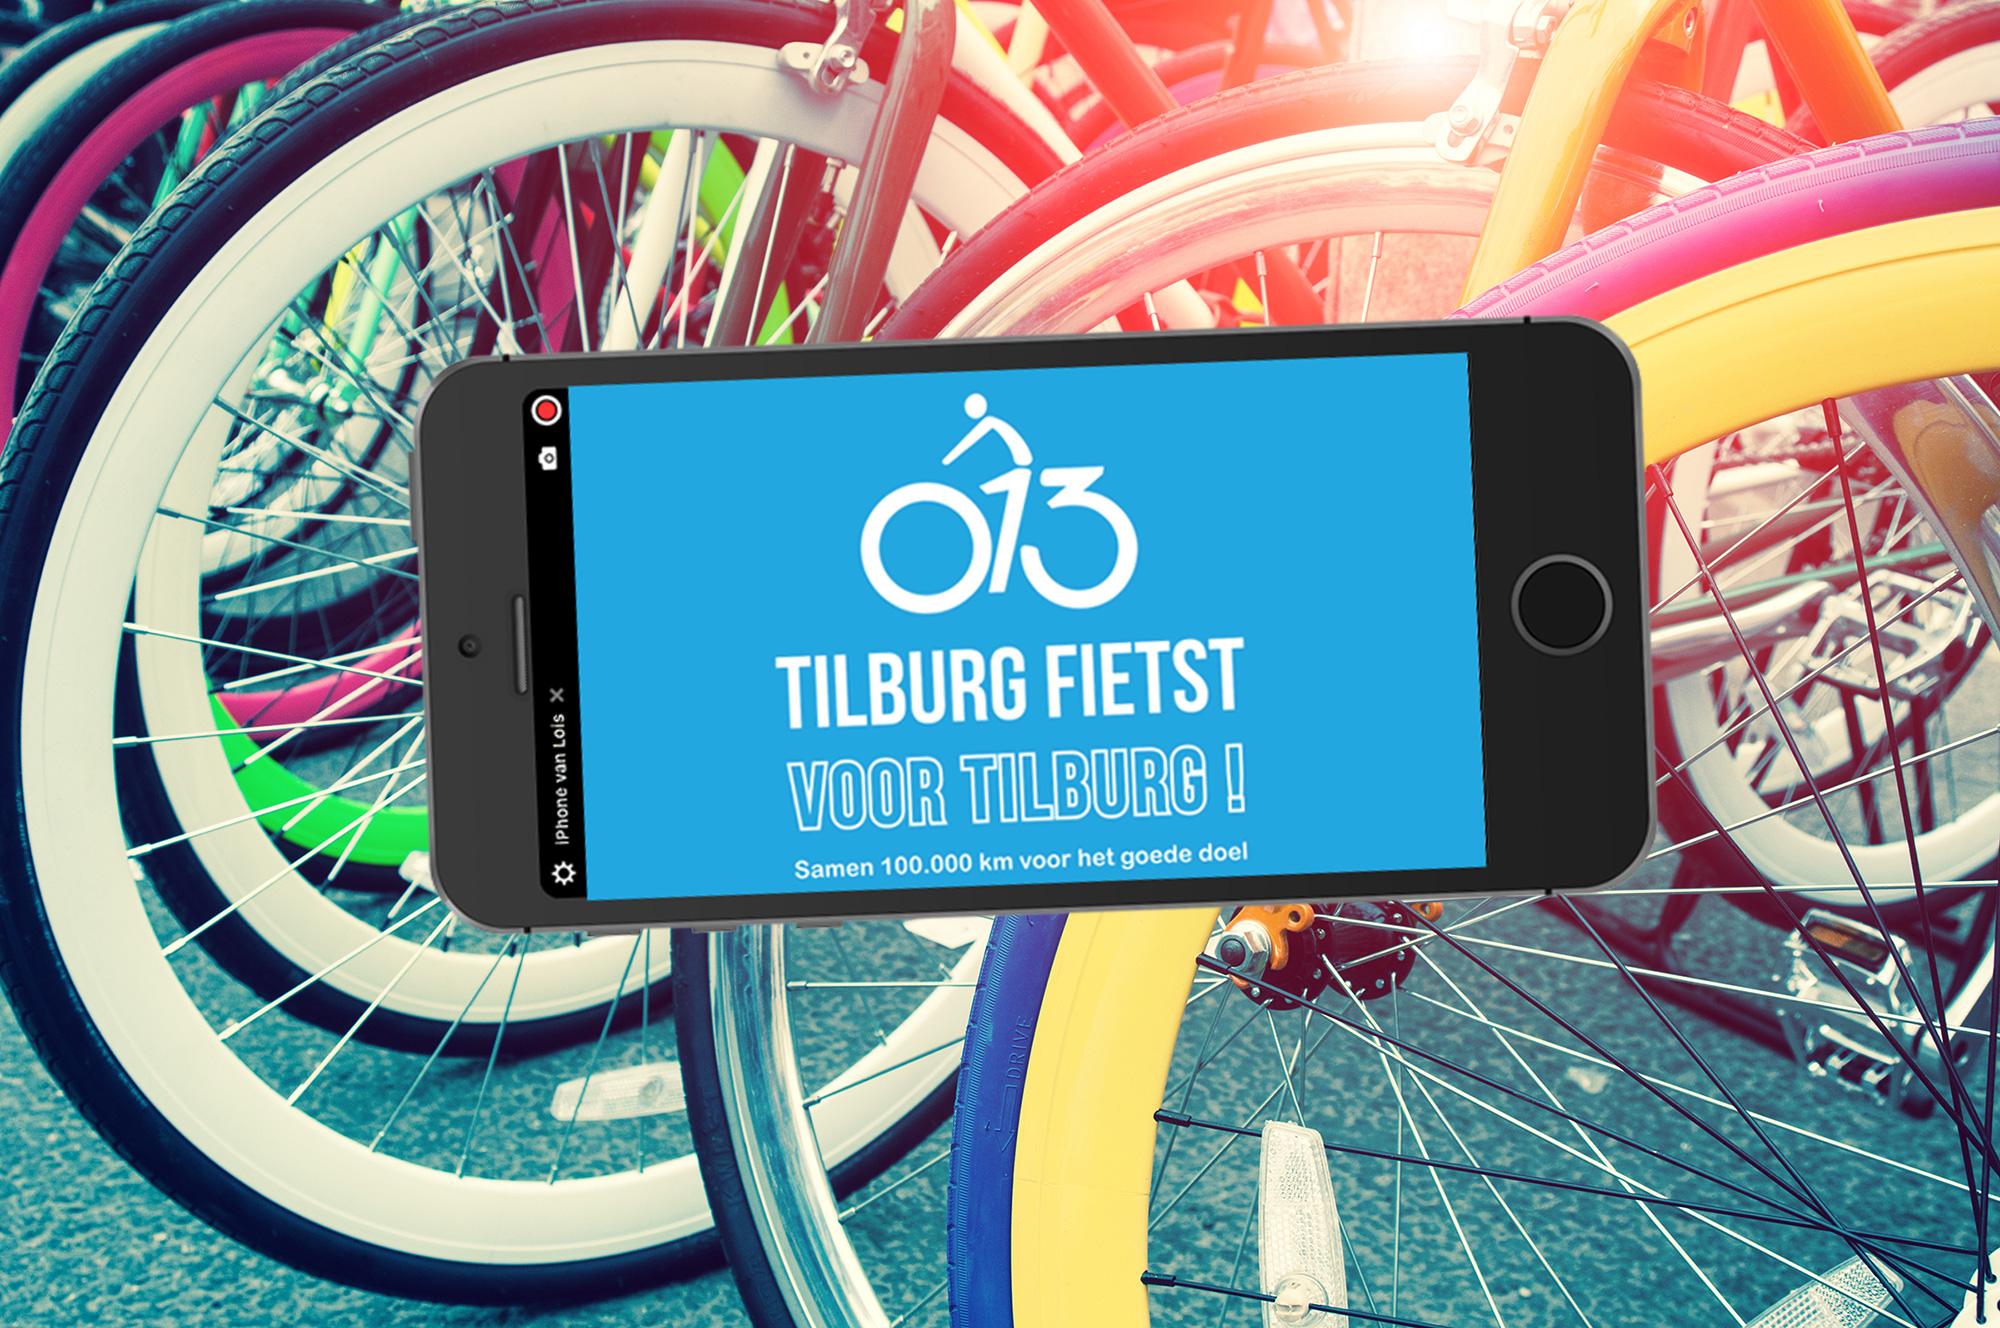 'Tilburg fietst voor Tilburg' van start